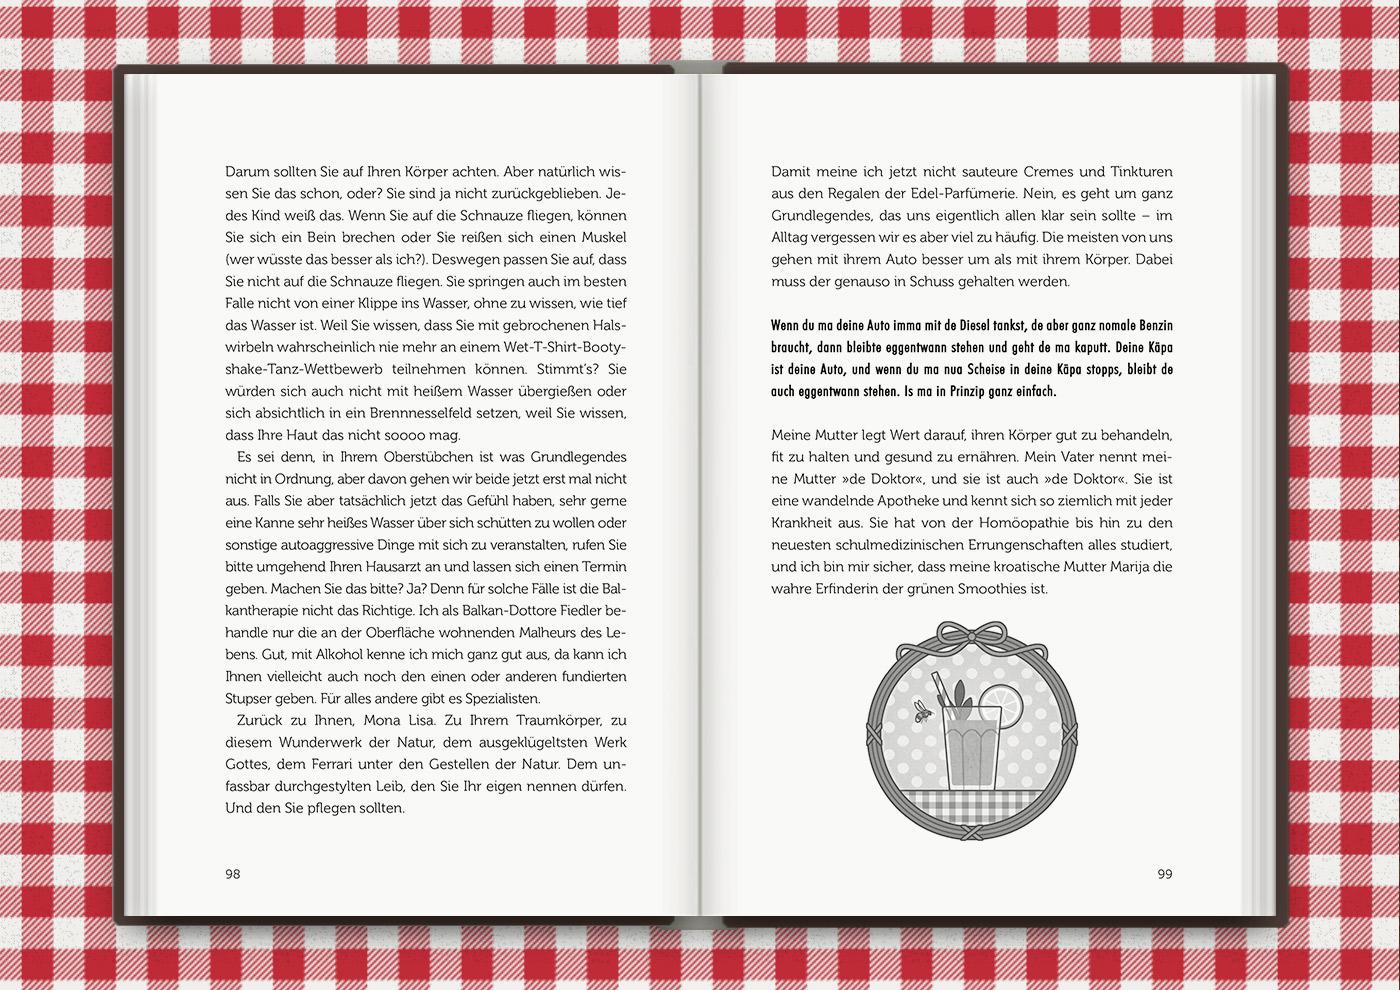 Vignette von Mimi Fiedlers Grünem Smoothie, für das Buch Brauchsu keine Doktor, brauchsu nur diese Buch – Die Balkantherapie für Liebe, Leib und Leben von Mimi Fiedler im MVG Verlag